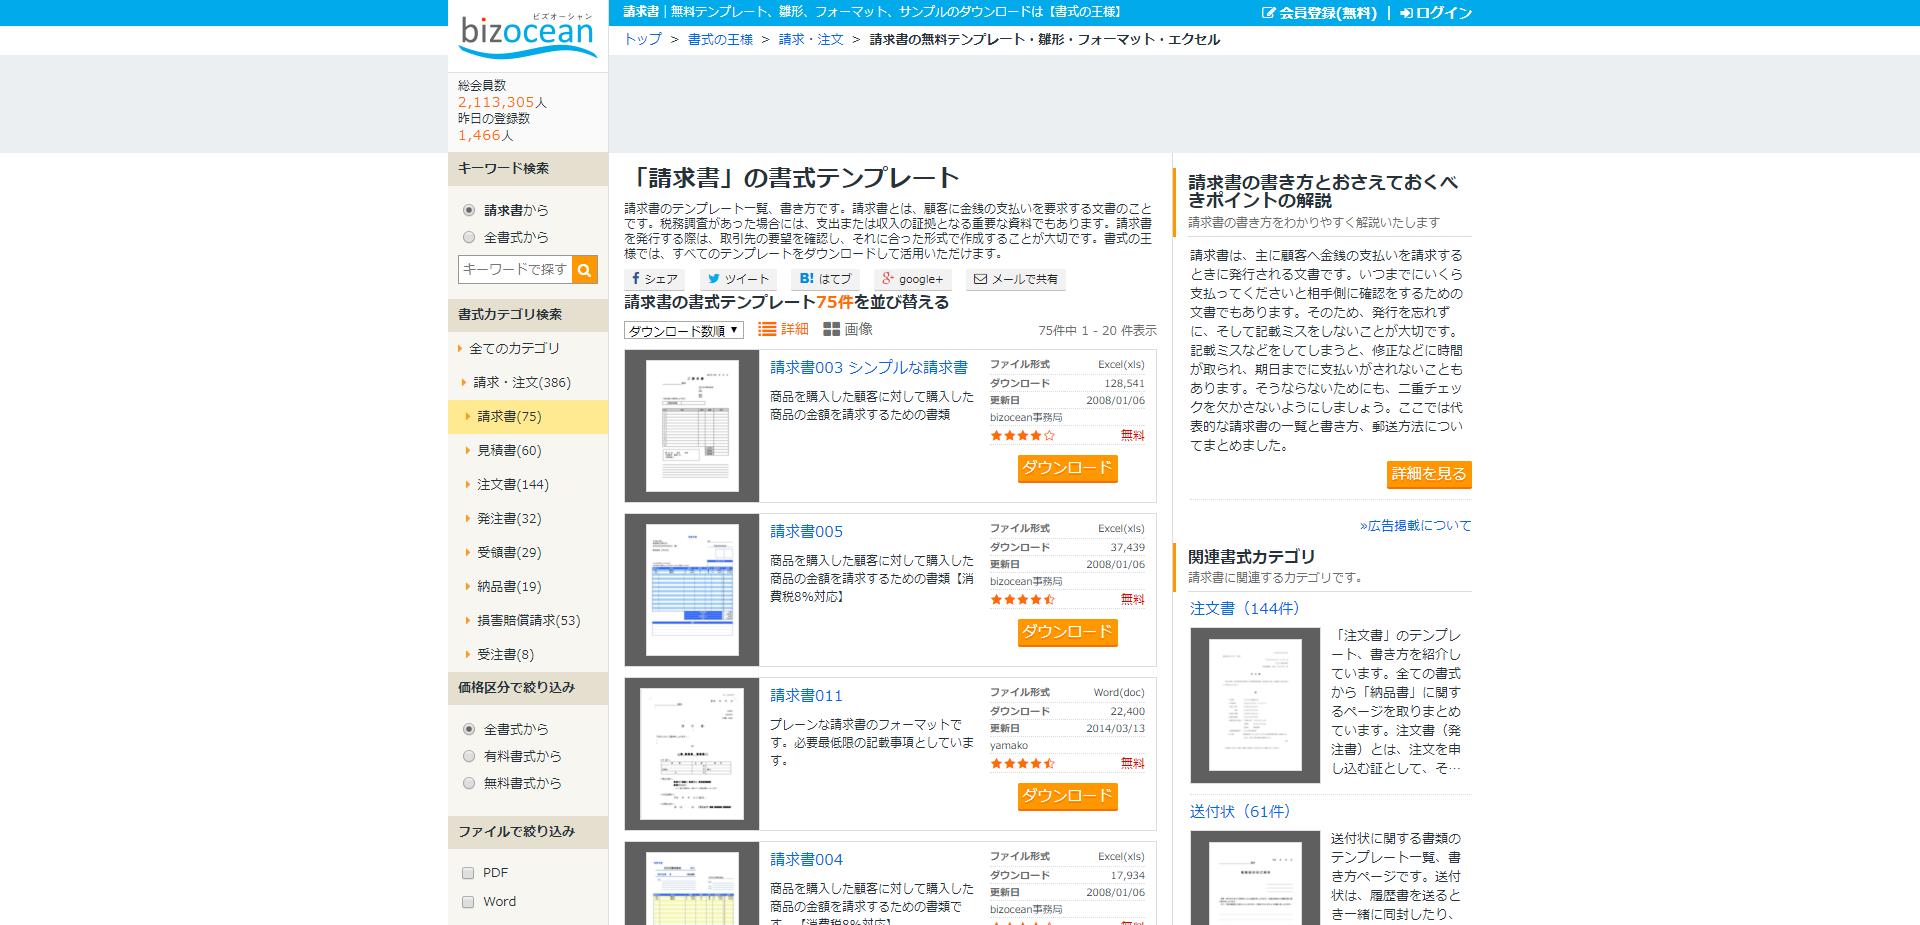 【マイクロソフト】無料テンプレート